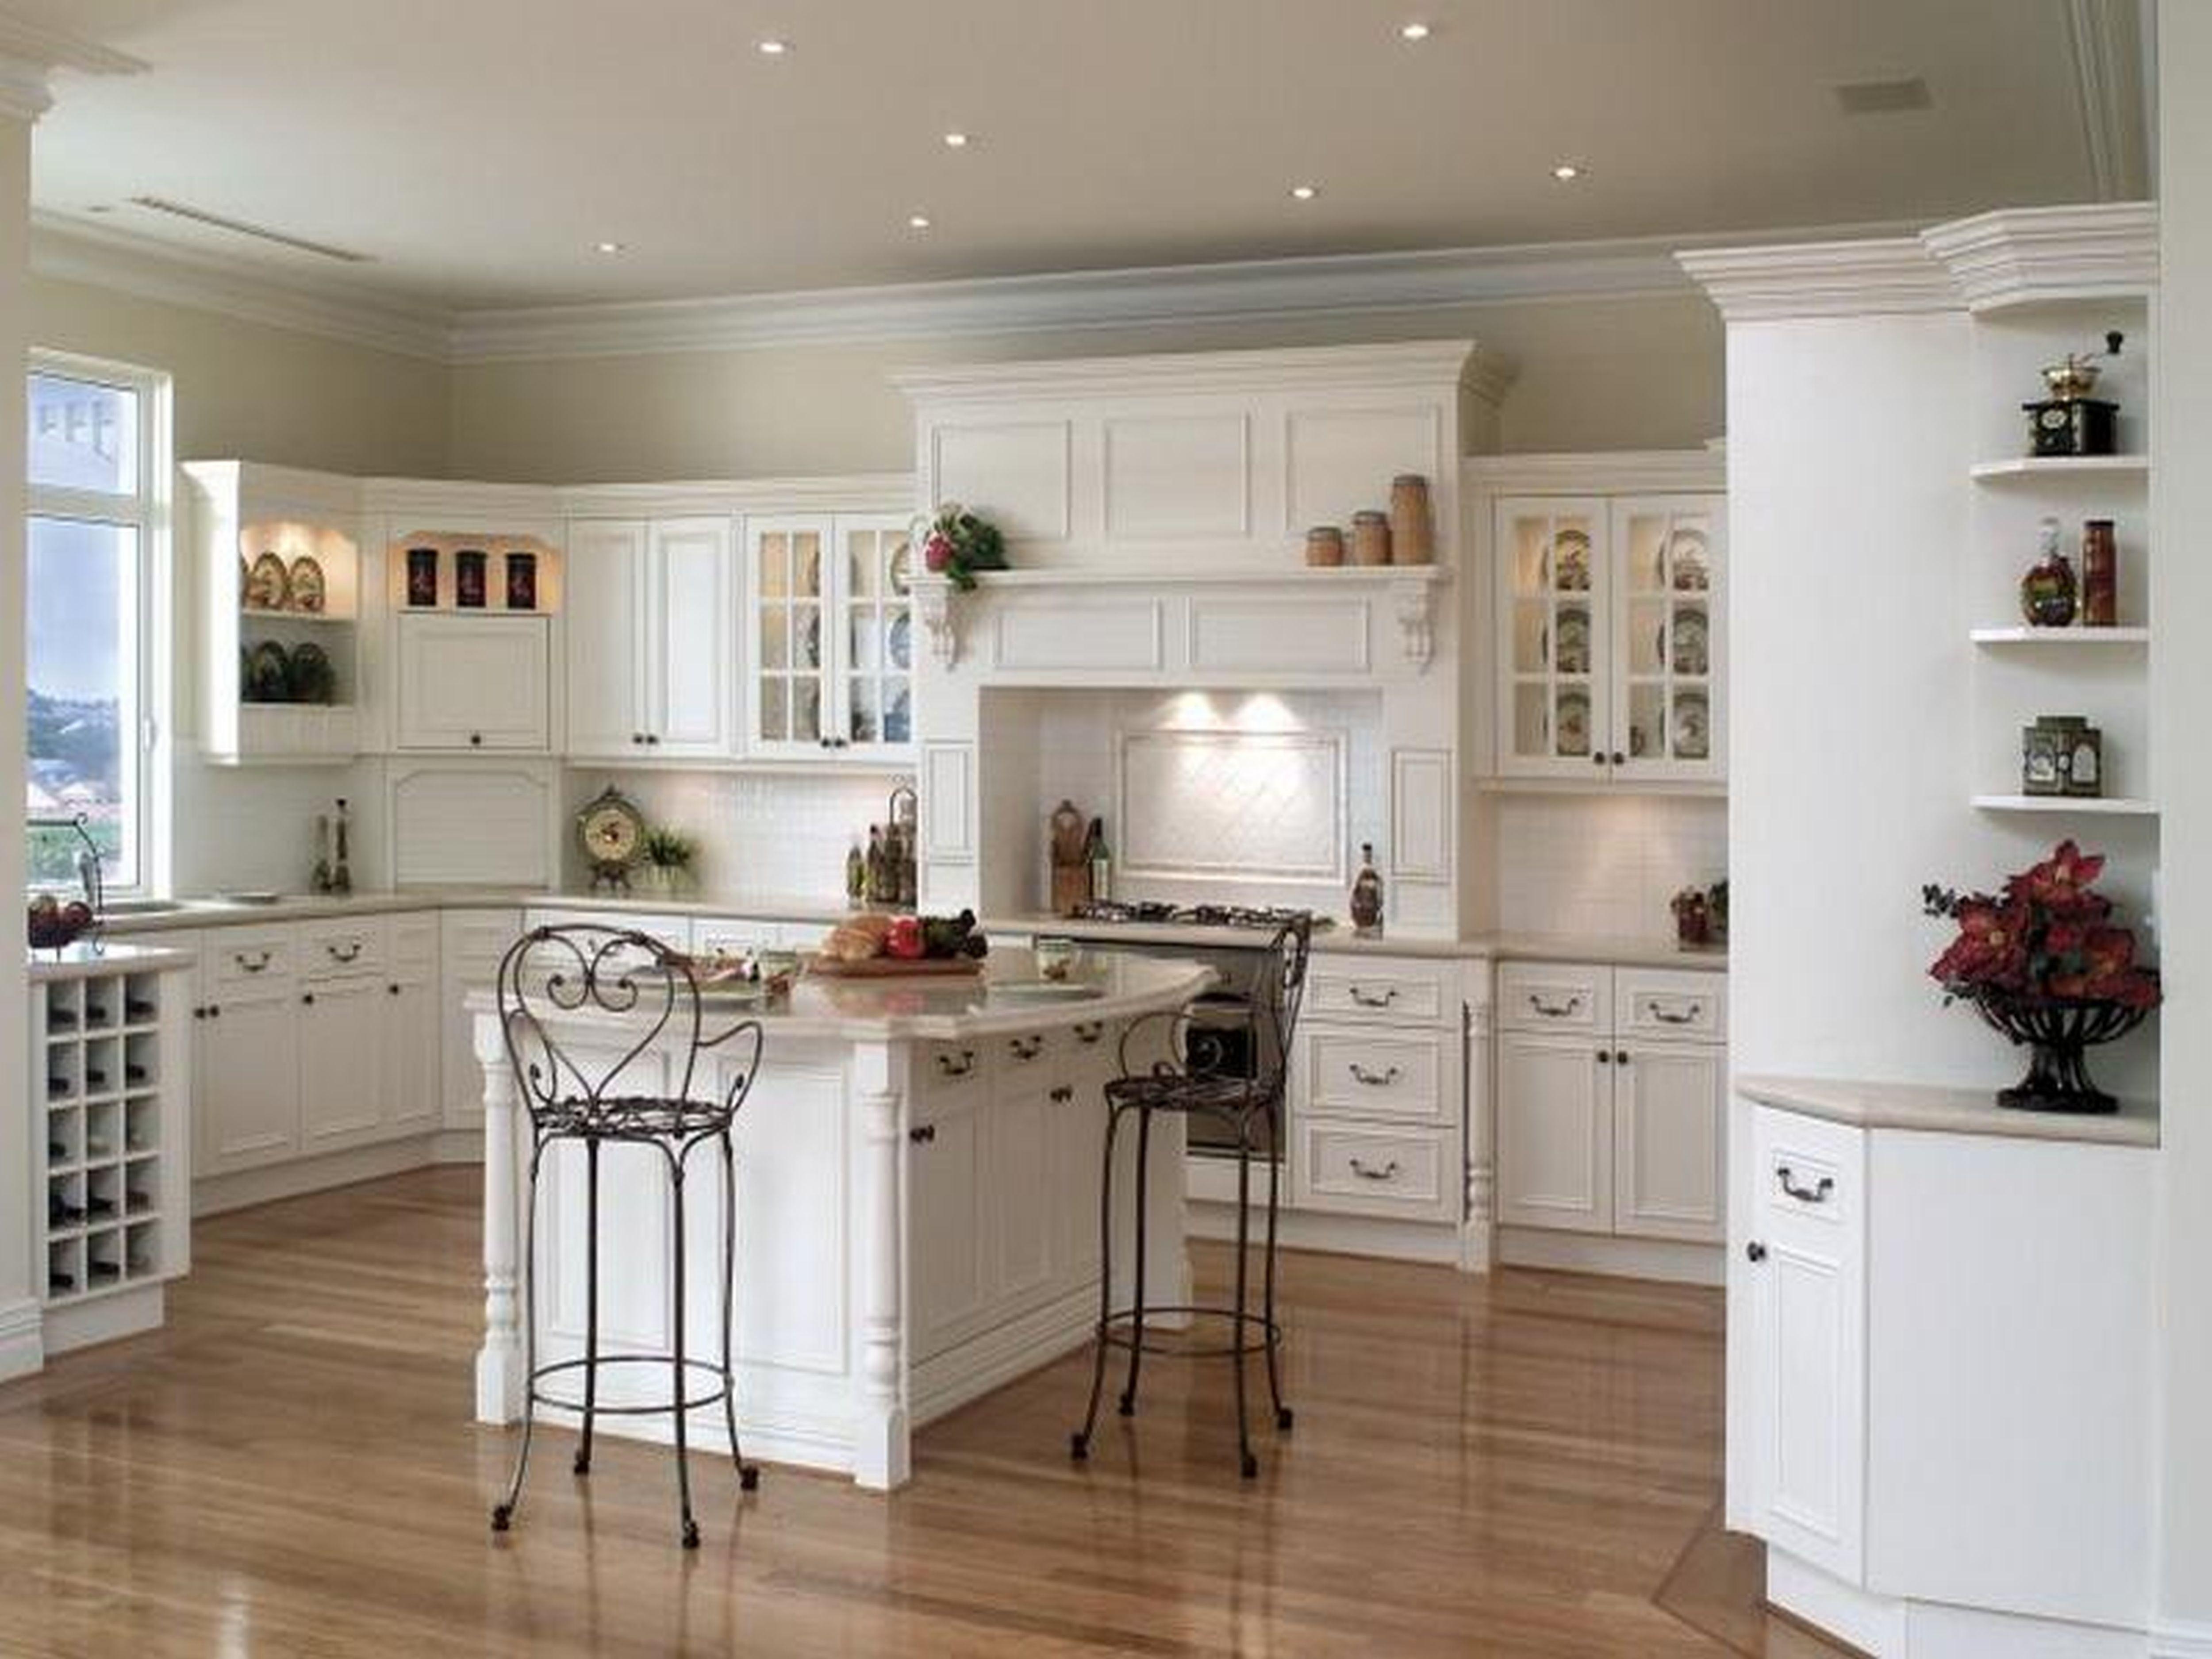 Stylecraft cabinets - Style Craft Kitchen Cabinets